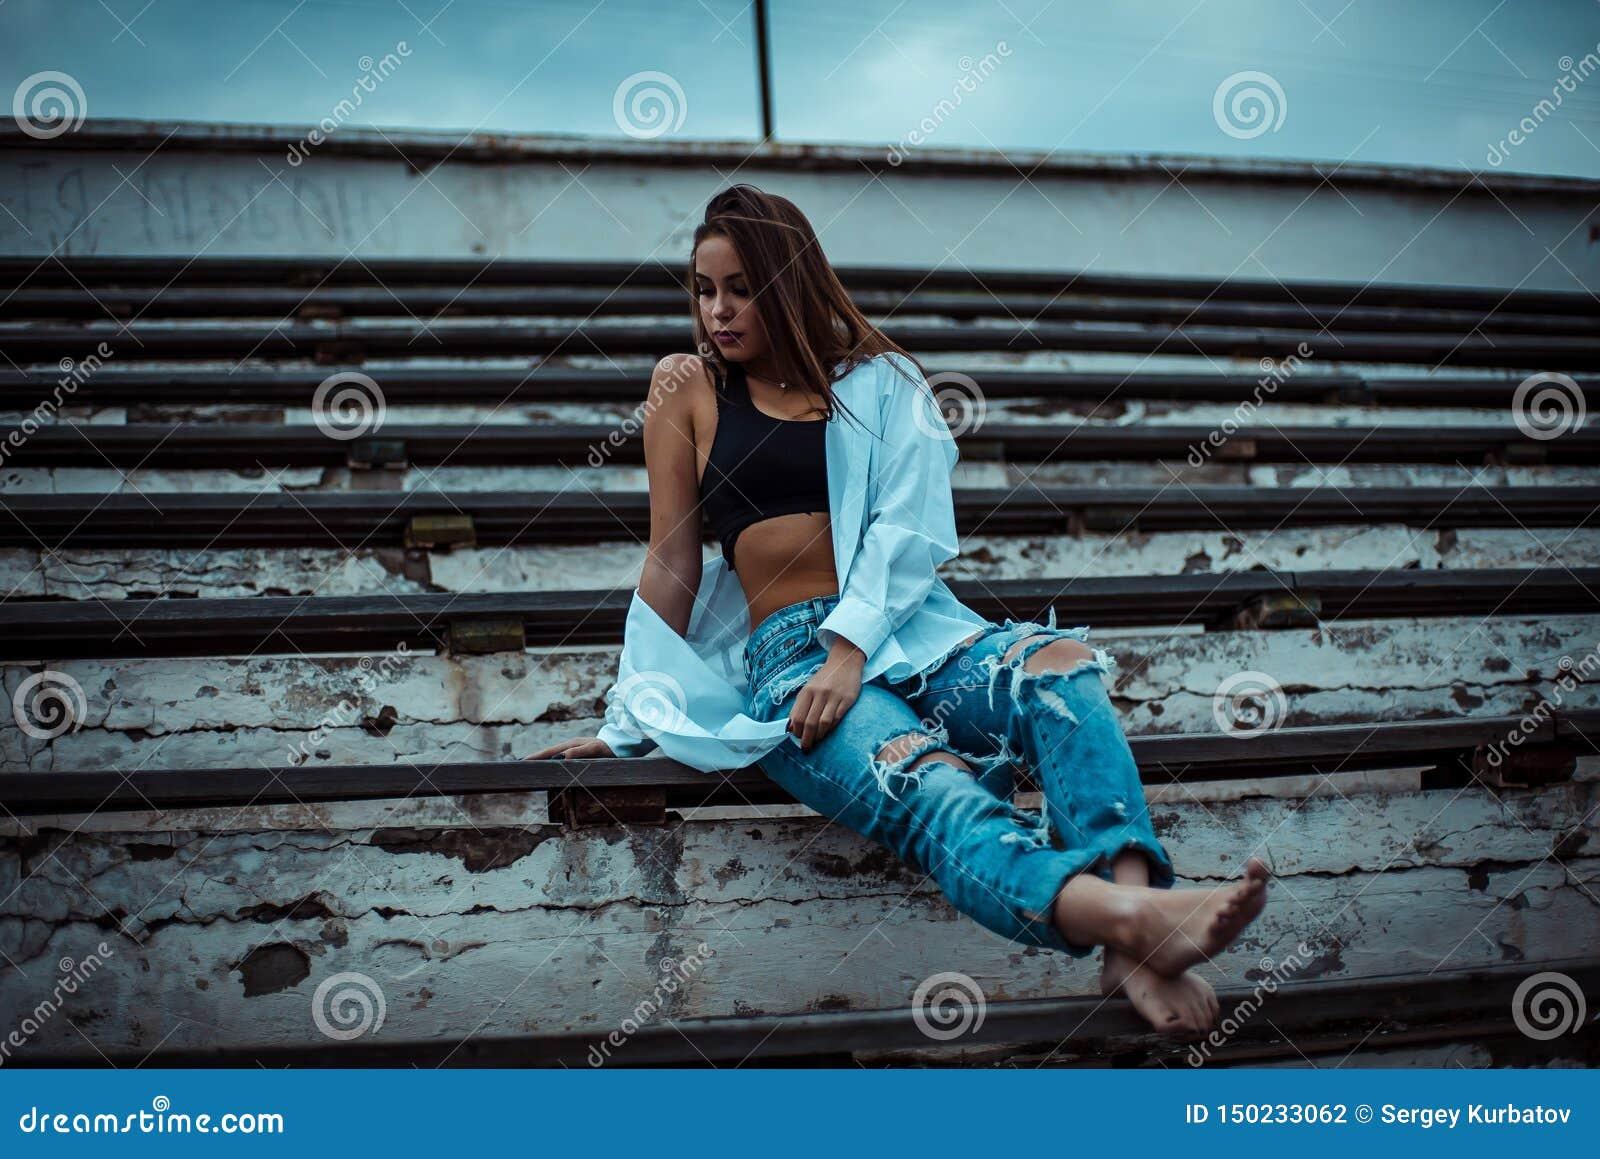 Sittande dr?mma f?r kvinna och koppla av Solnedg?ng Sommar utomhus-